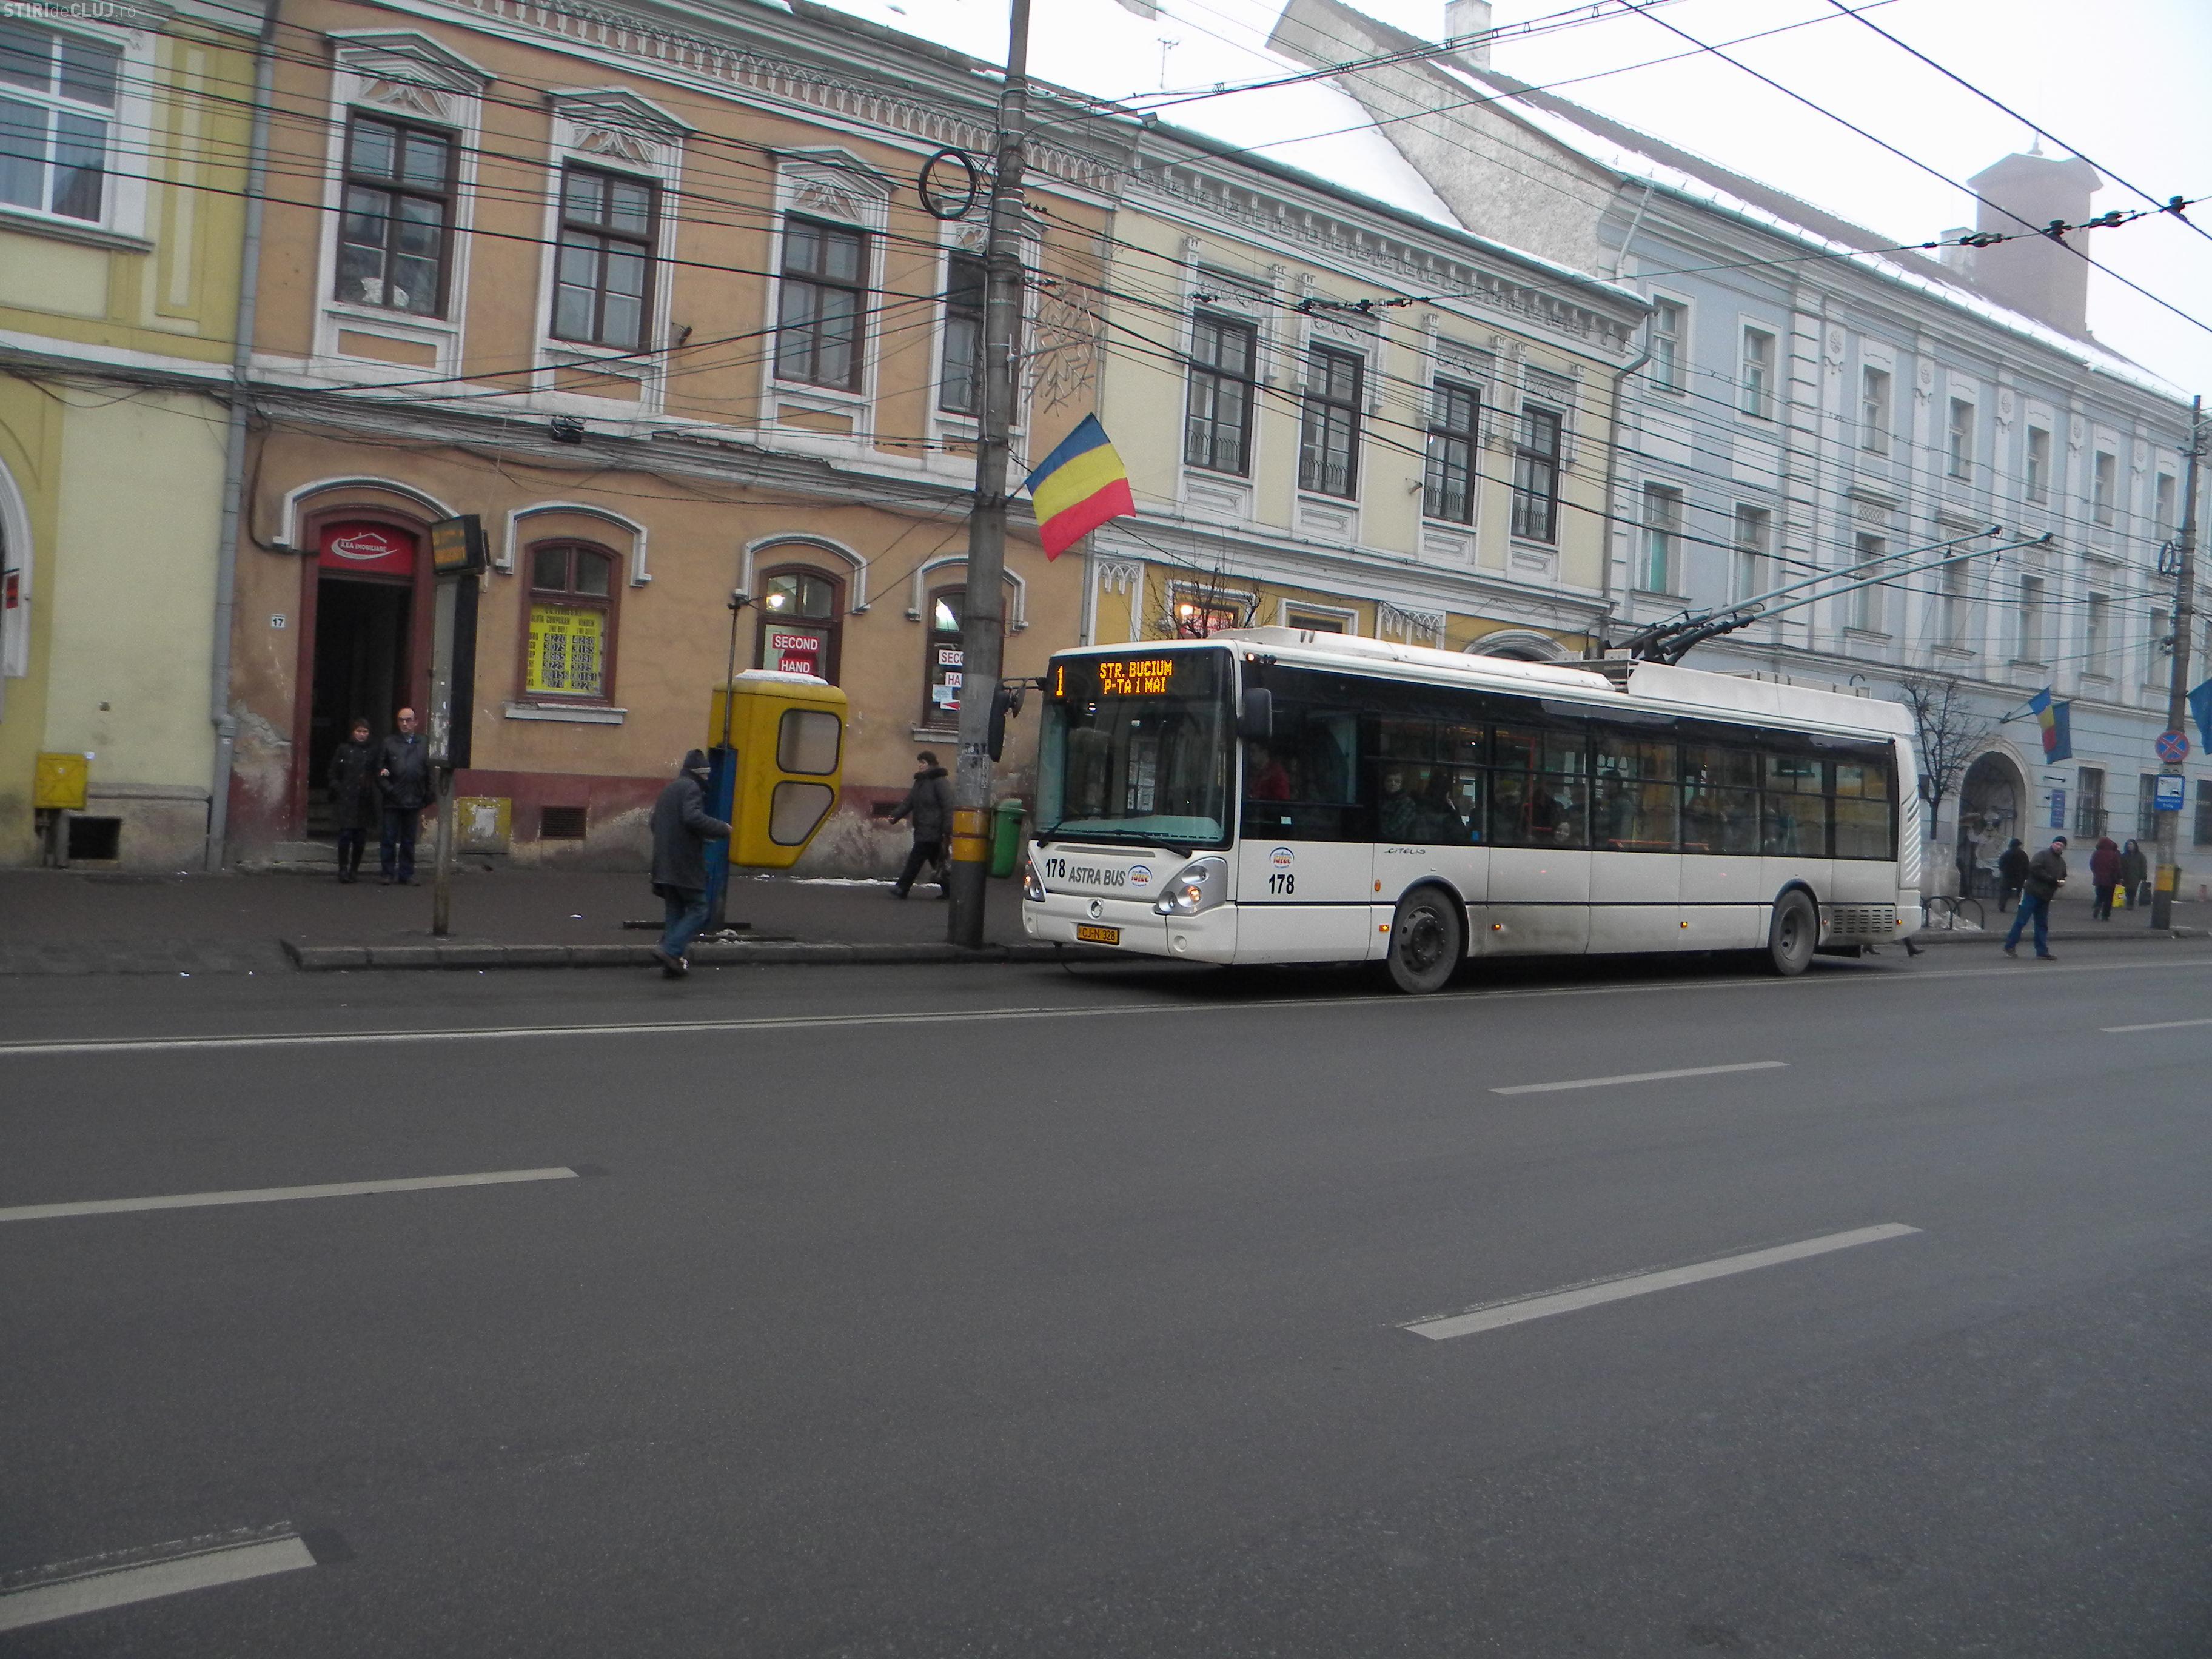 O mare UNIVERSITATE din Cluj nu decontează abonamentul gratuit pentru studenți pe autobuze